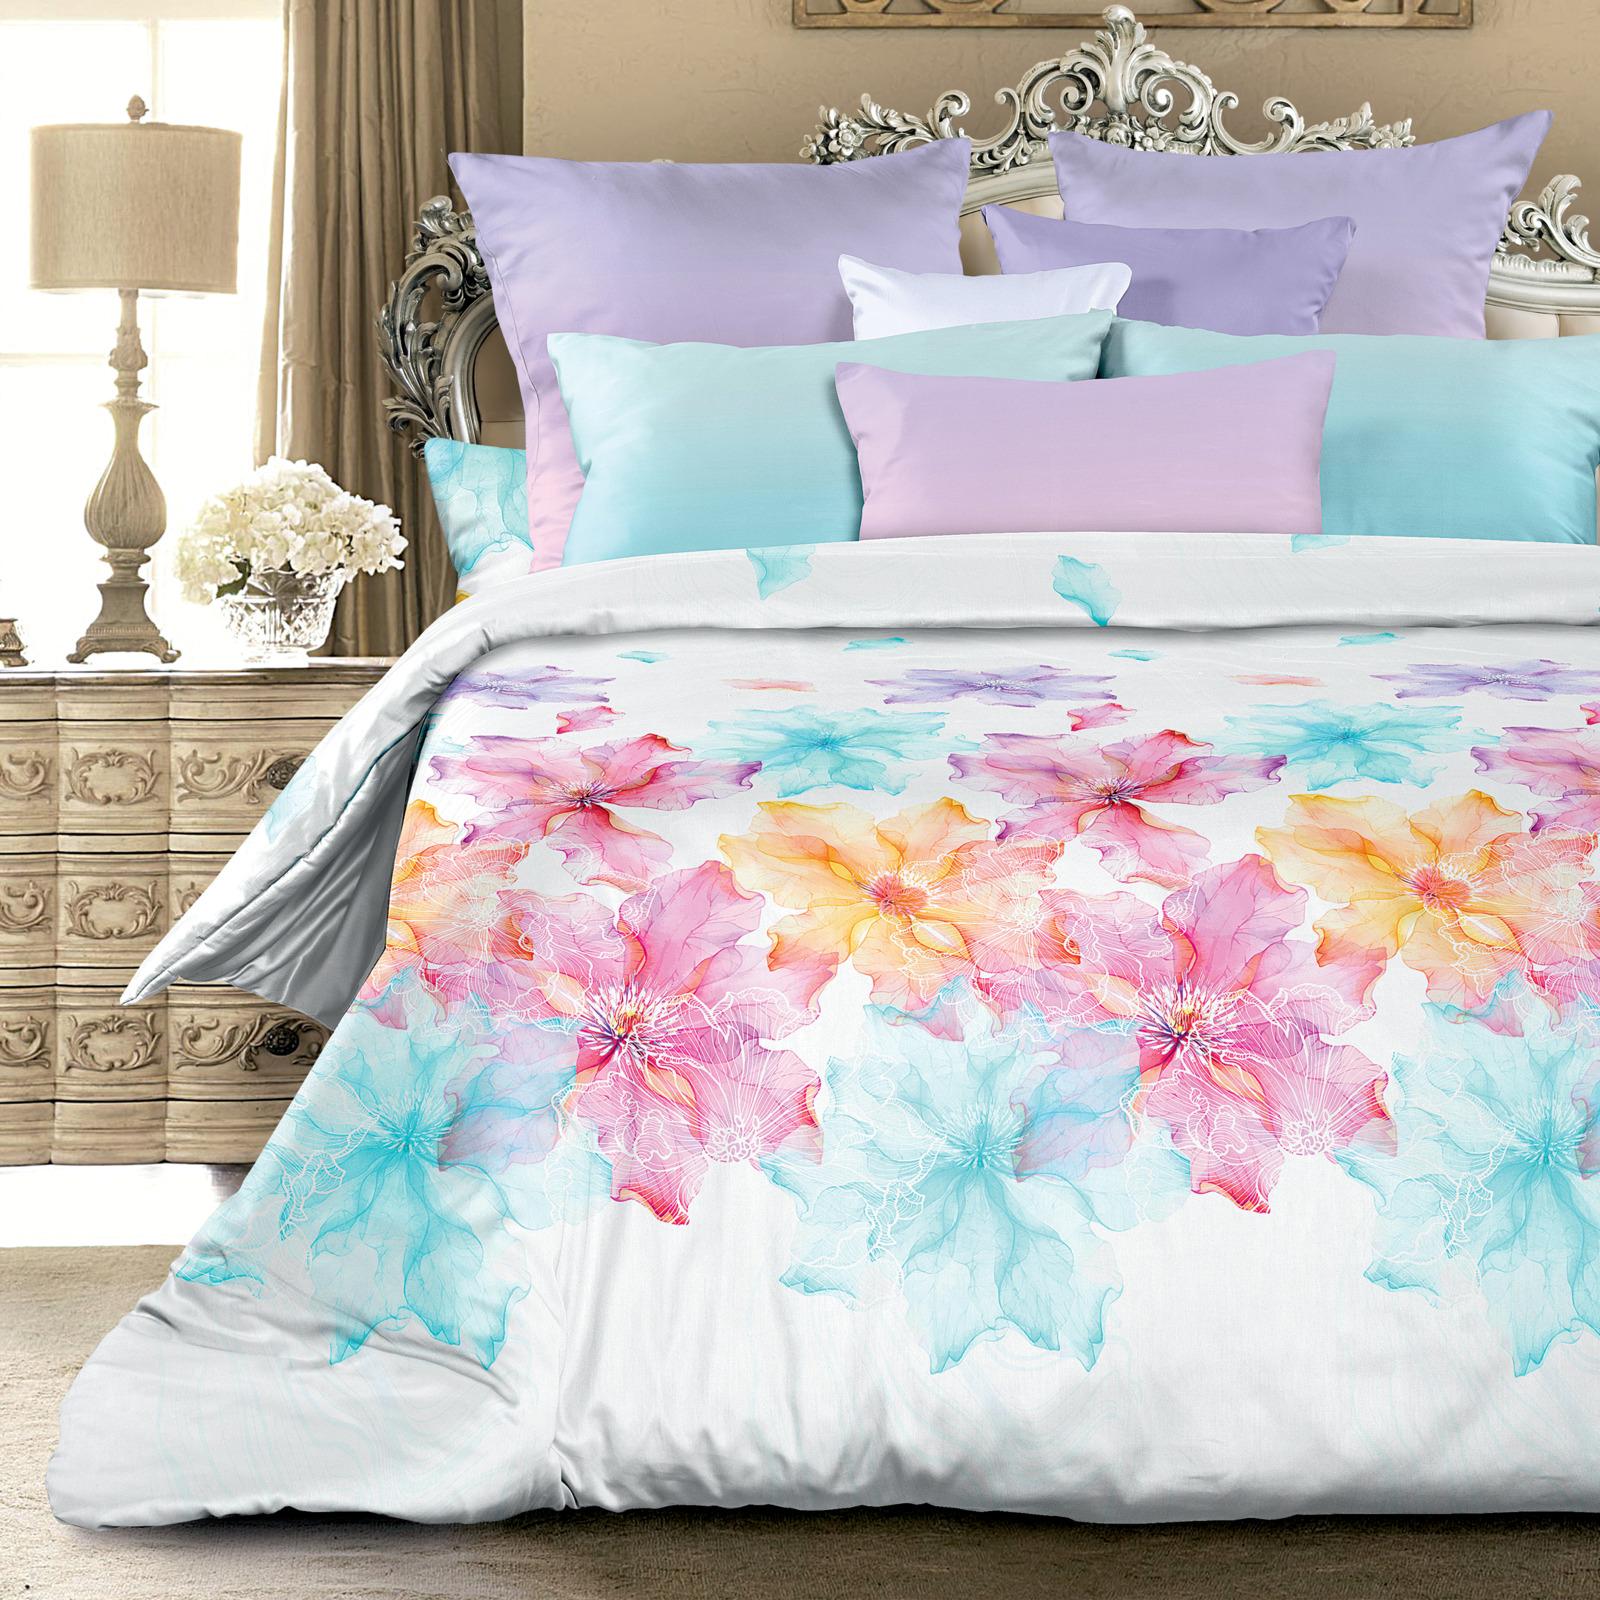 Комплект белья Унисон Эстель, 522165, 1,5 спальный, наволочки 70х70 цена